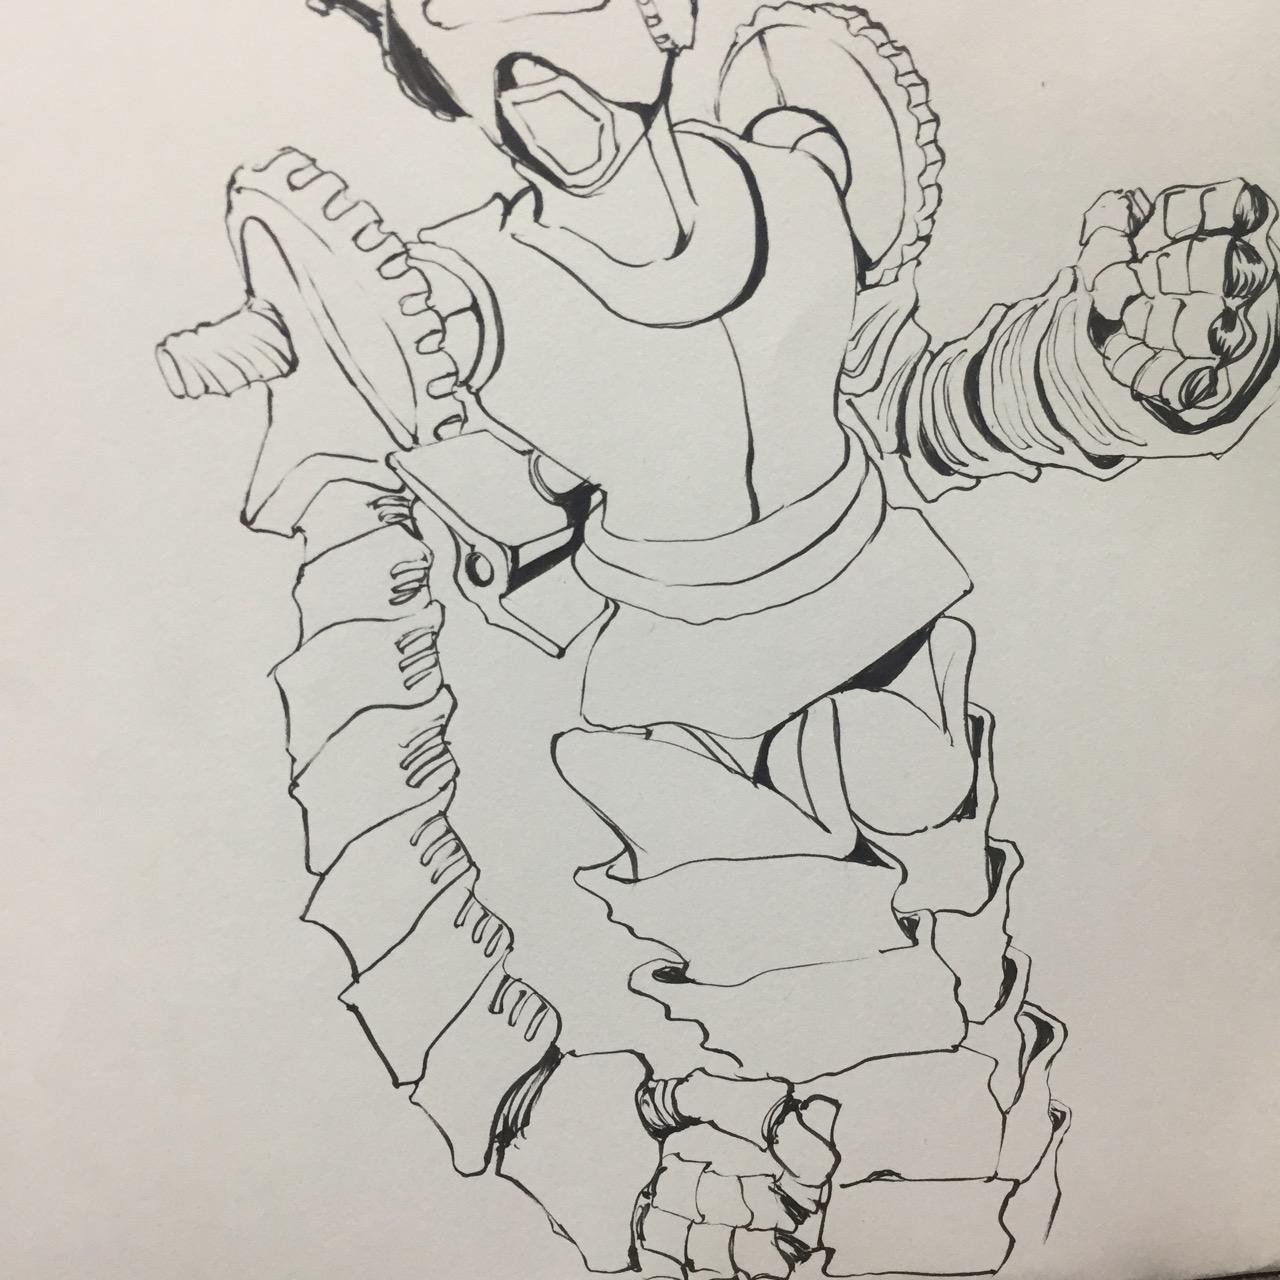 擬人化イラスト キャラクターデザインのコツ